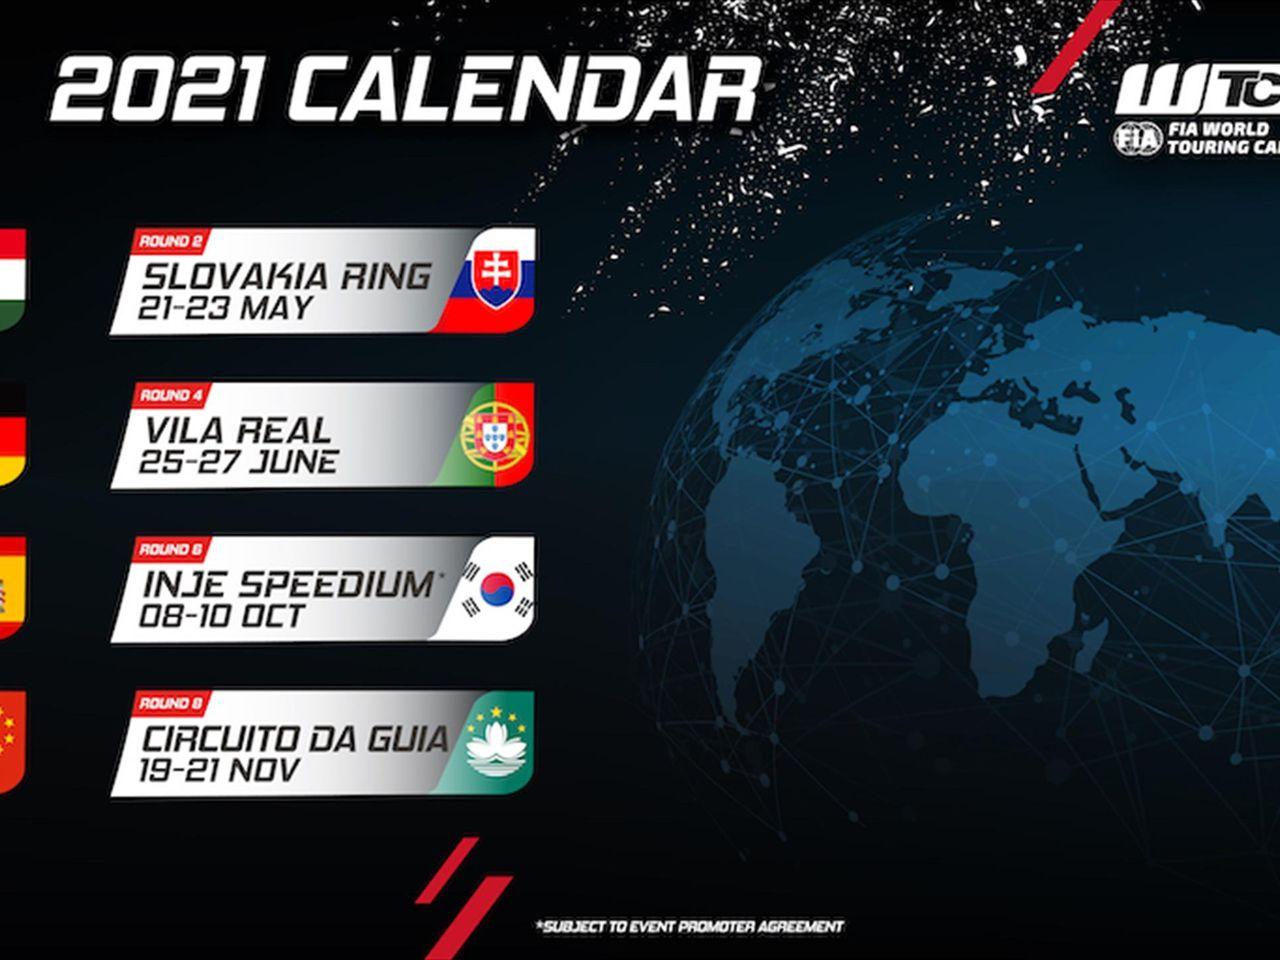 Calendrier Wtcr 2021 Un retour en Asie planifié pour le calendrier WTCR 2021   Eurosport